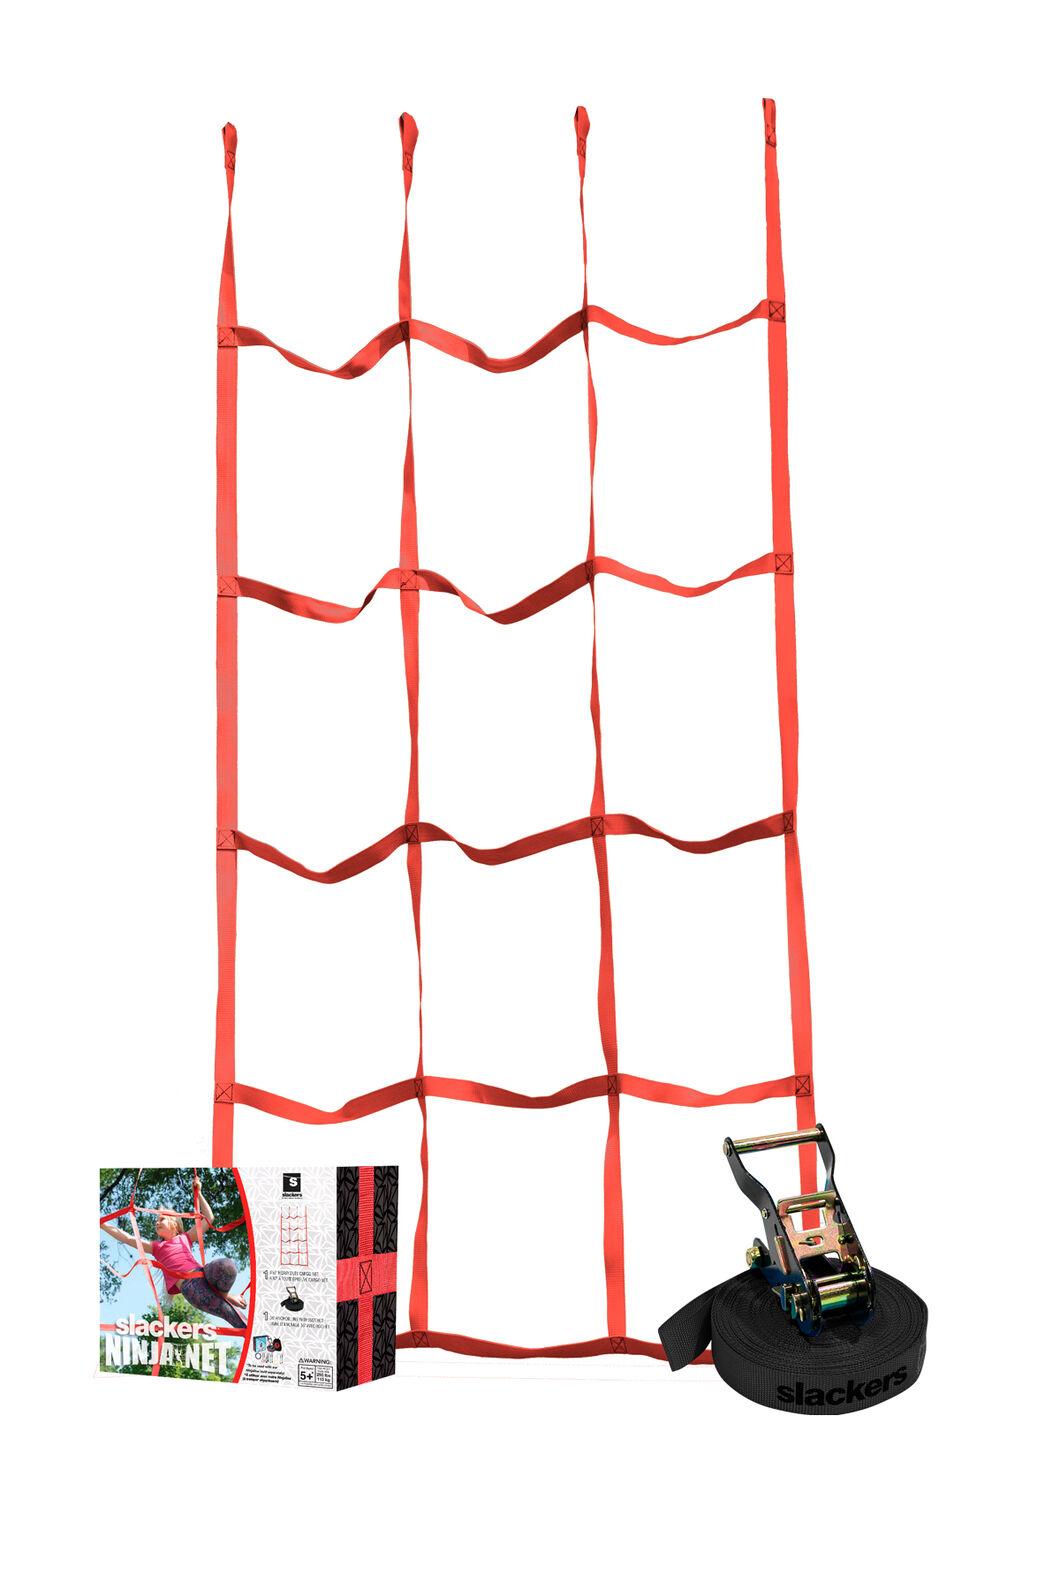 Slackers Ninjaline Ninja Net, None, hi-res